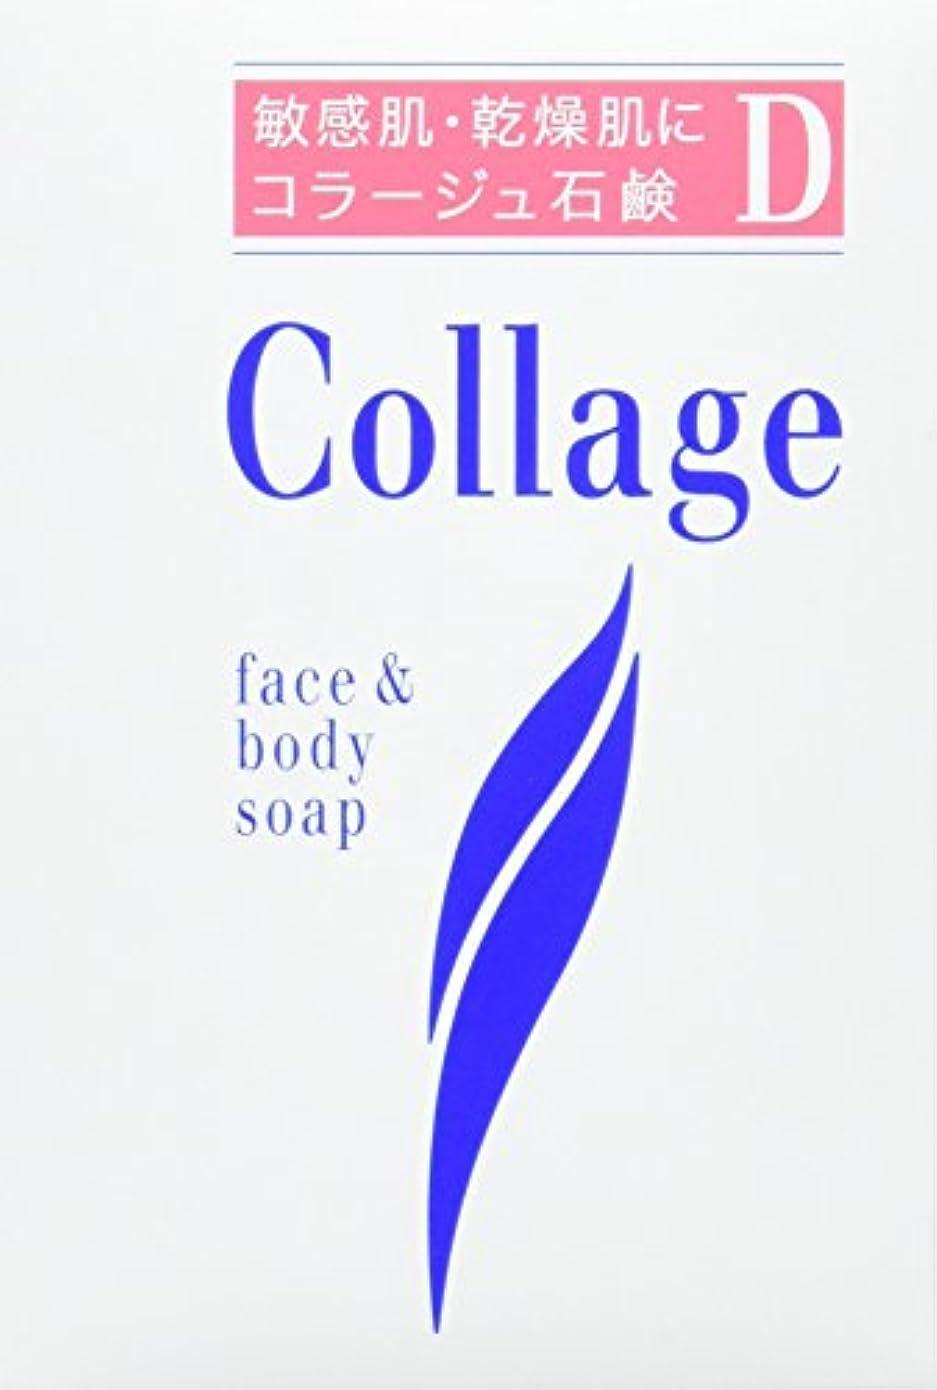 収穫つま先有益コラージュ D乾性肌用石鹸 100g